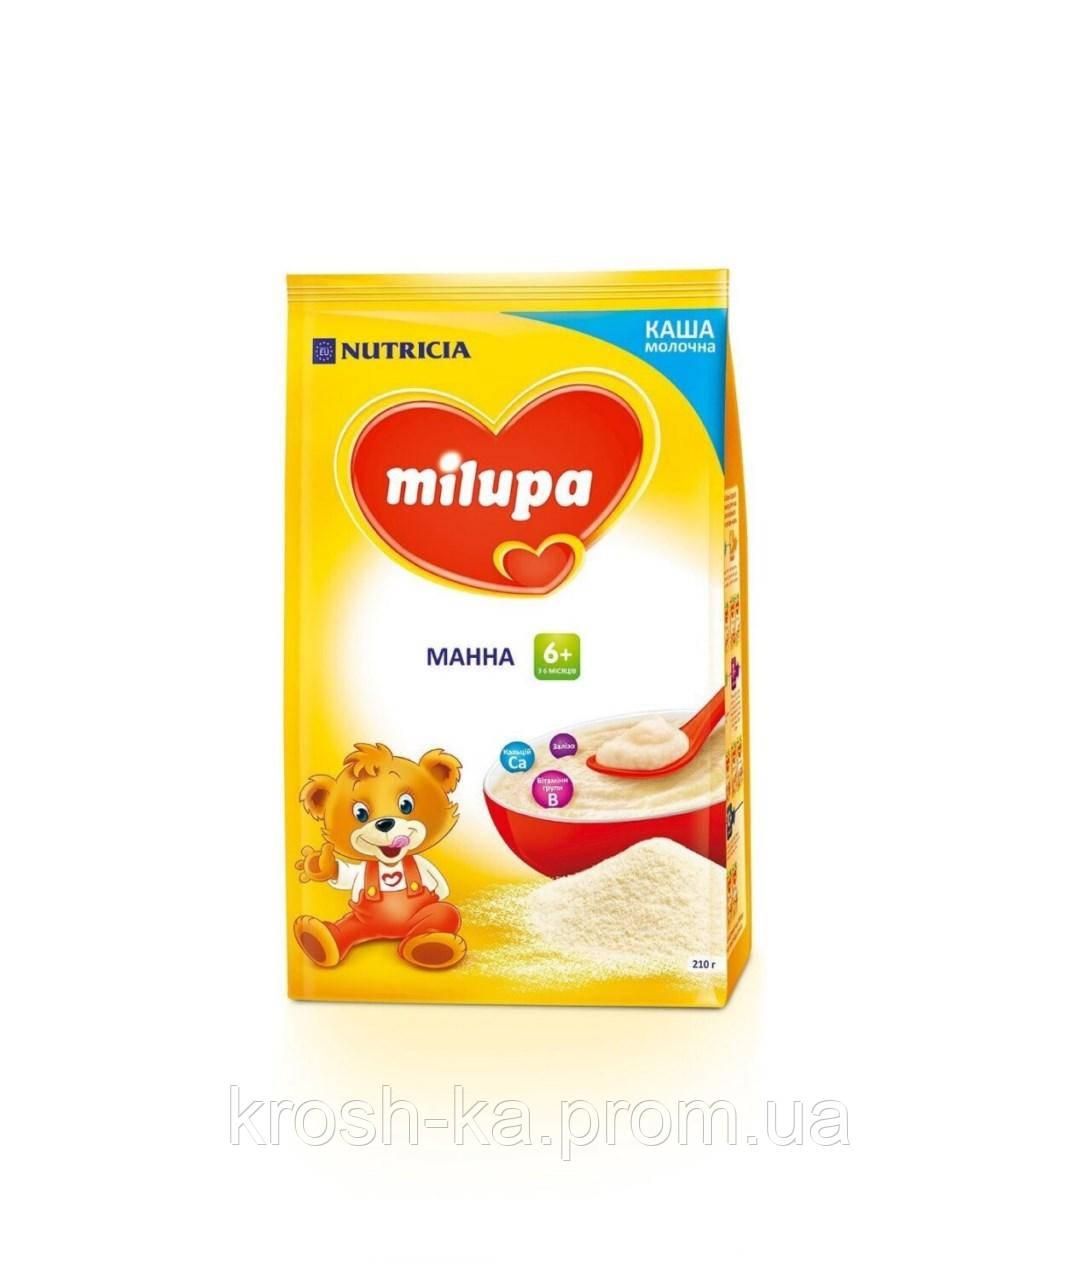 Каша молочная манная 6м+ 210г Nutricia 610024